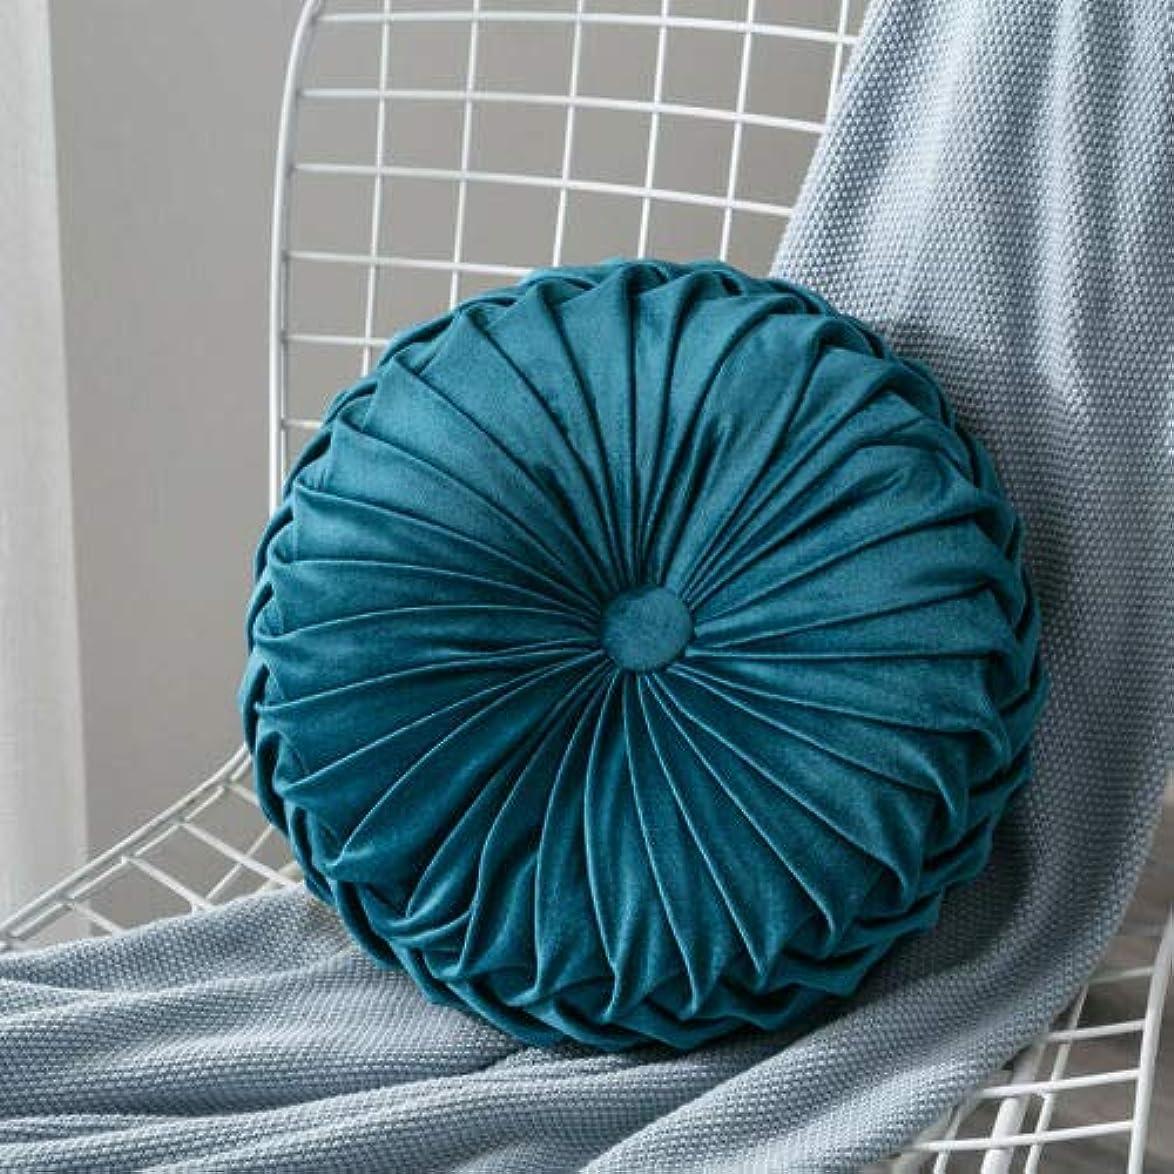 ネストカセットピンLIFE ベルベットプリーツラウンドカボチャ枕ソファクッション床枕の装飾 クッション 椅子